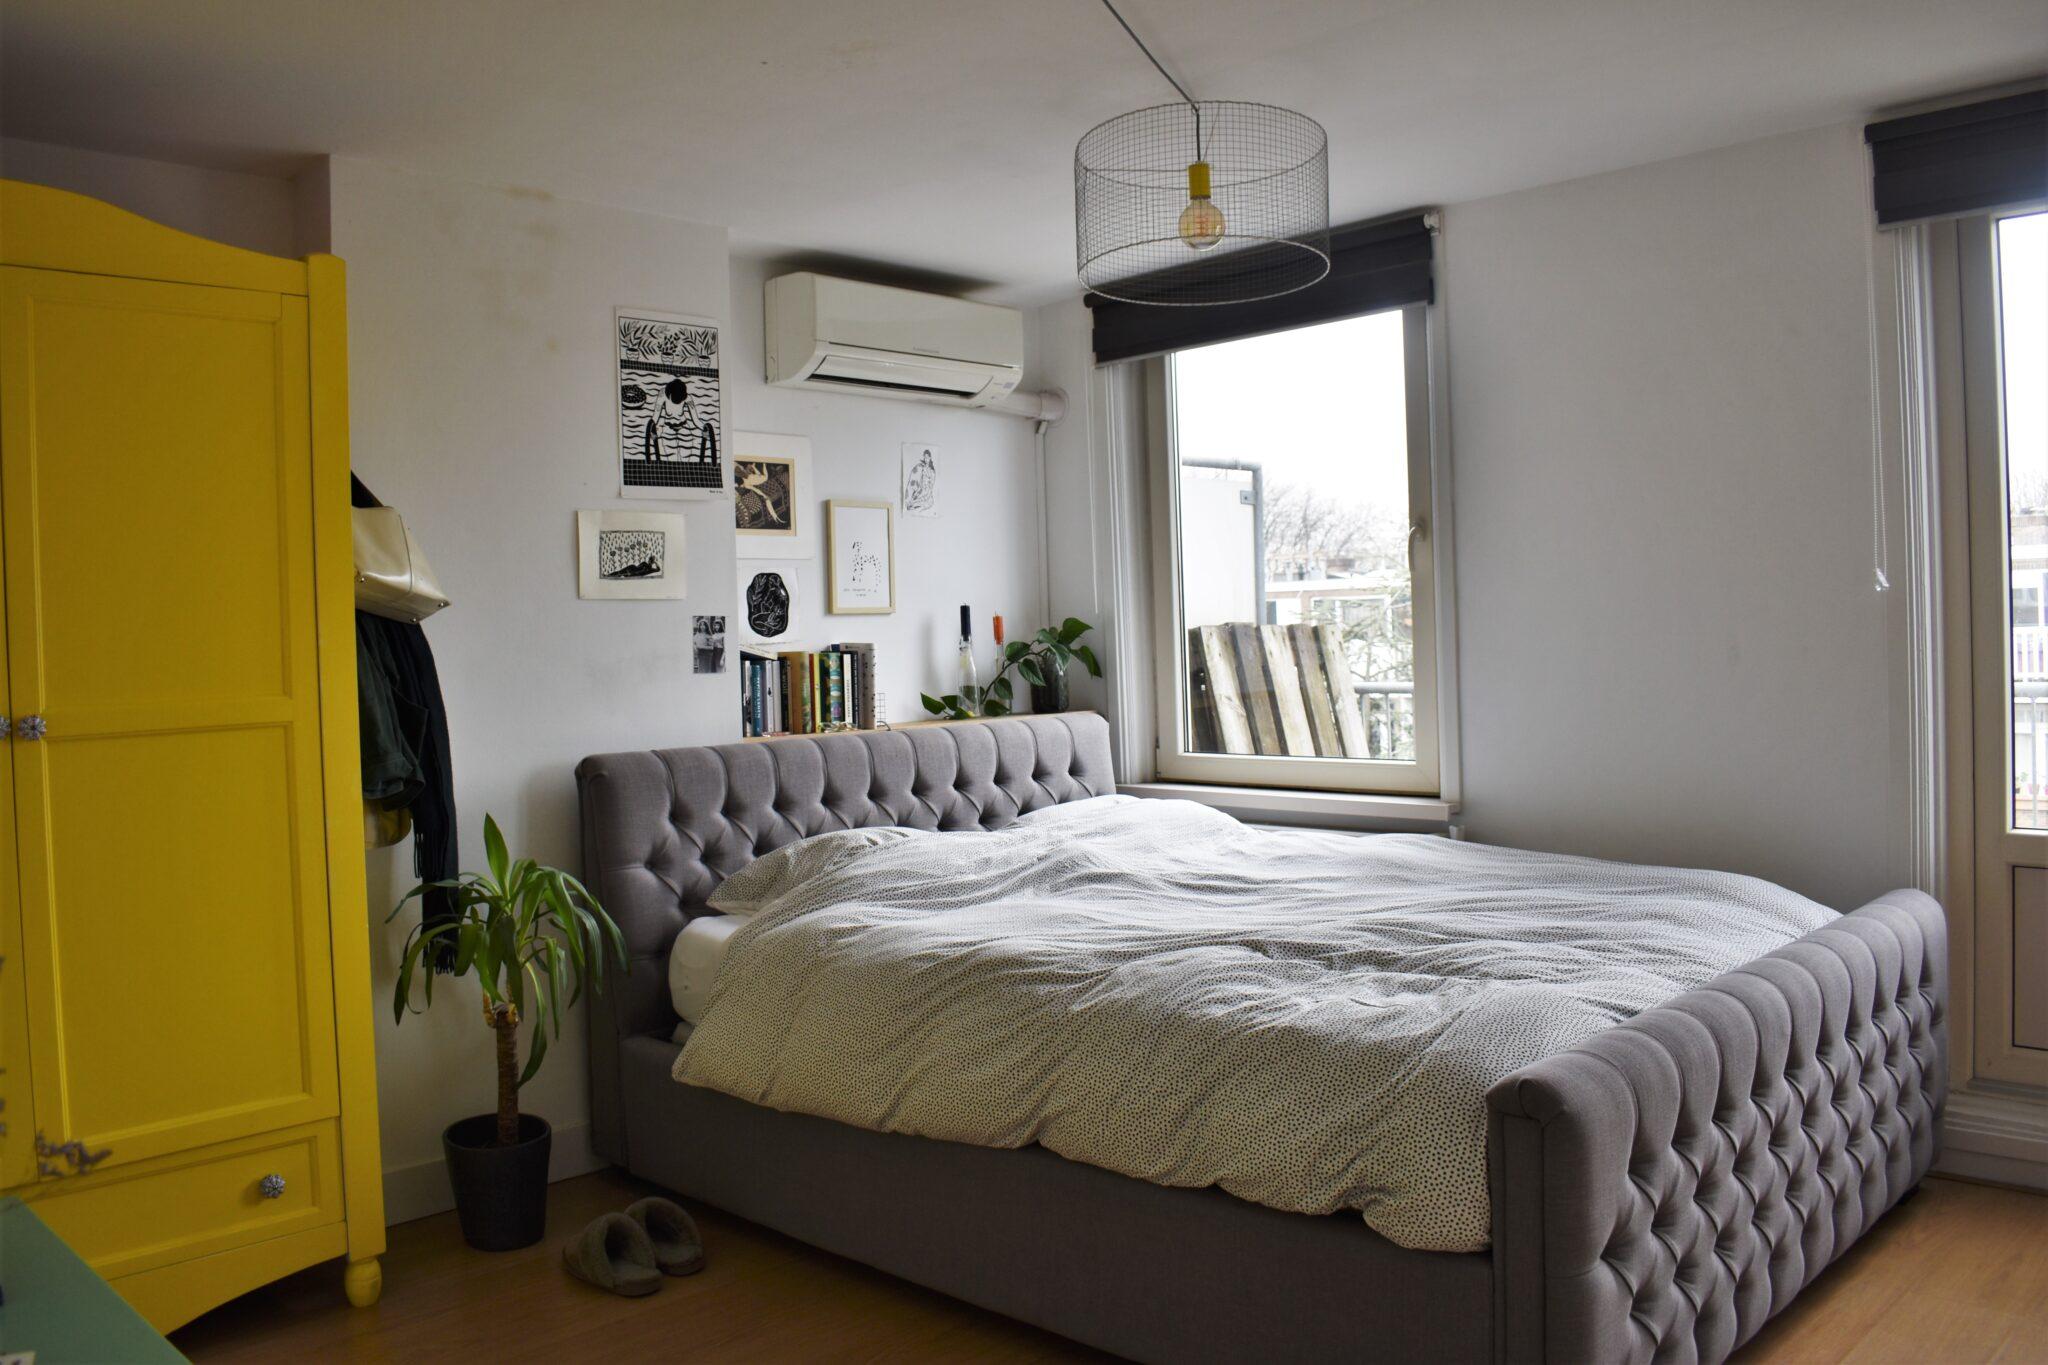 binnenkijken bij annabel en alex slaapkamer overview